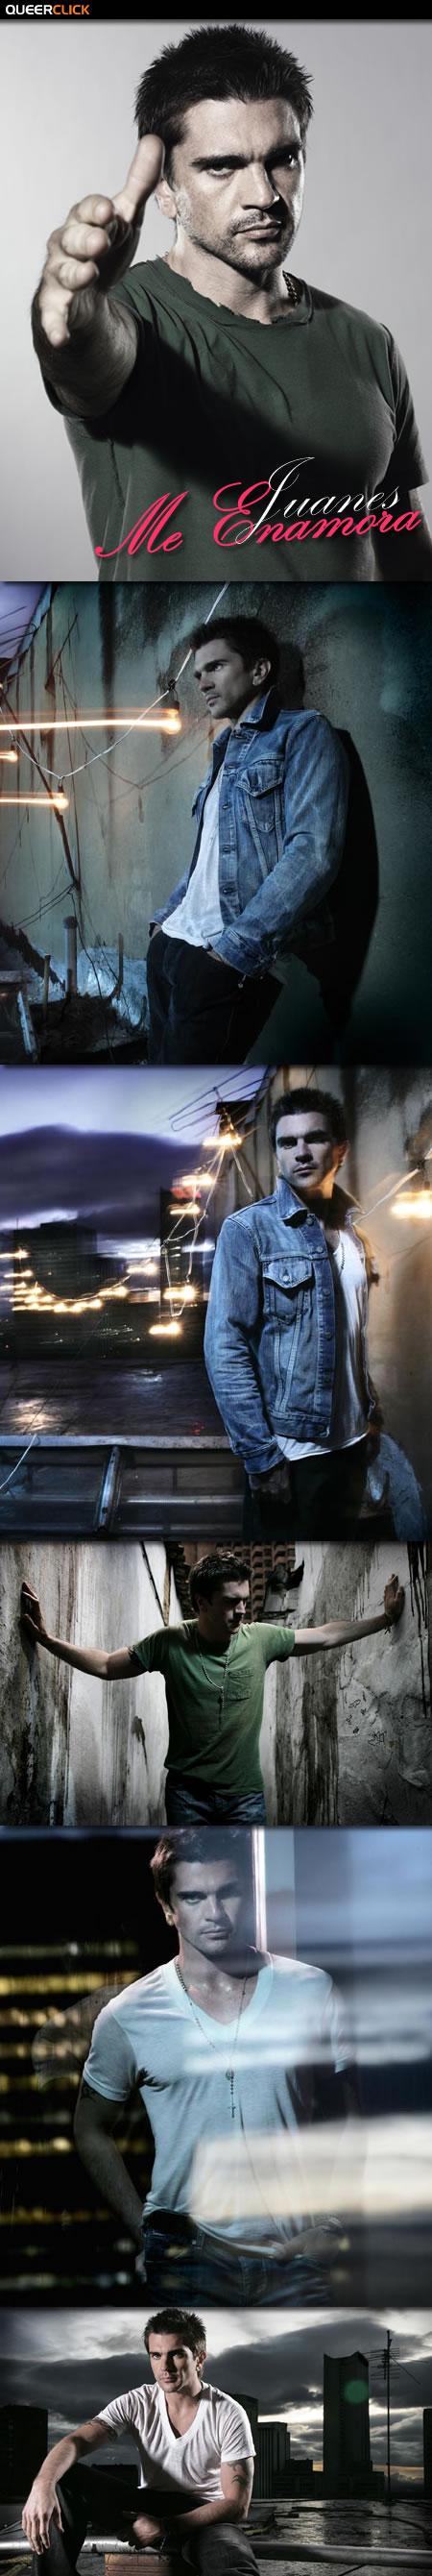 Me Enamoro de Juanes